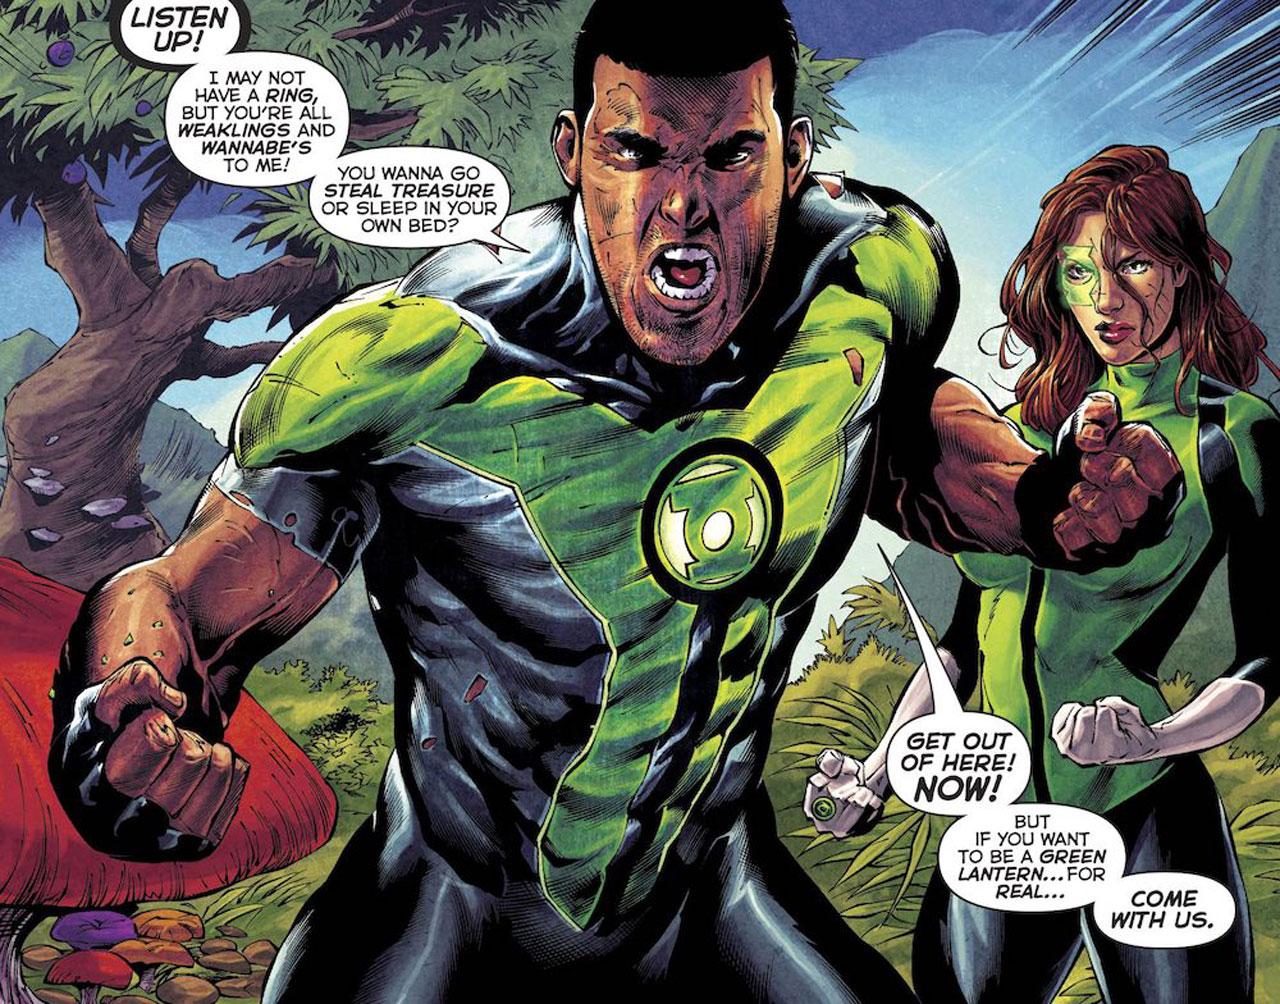 Green-Lanterns-REASONS-TO-BINGE-.jpg